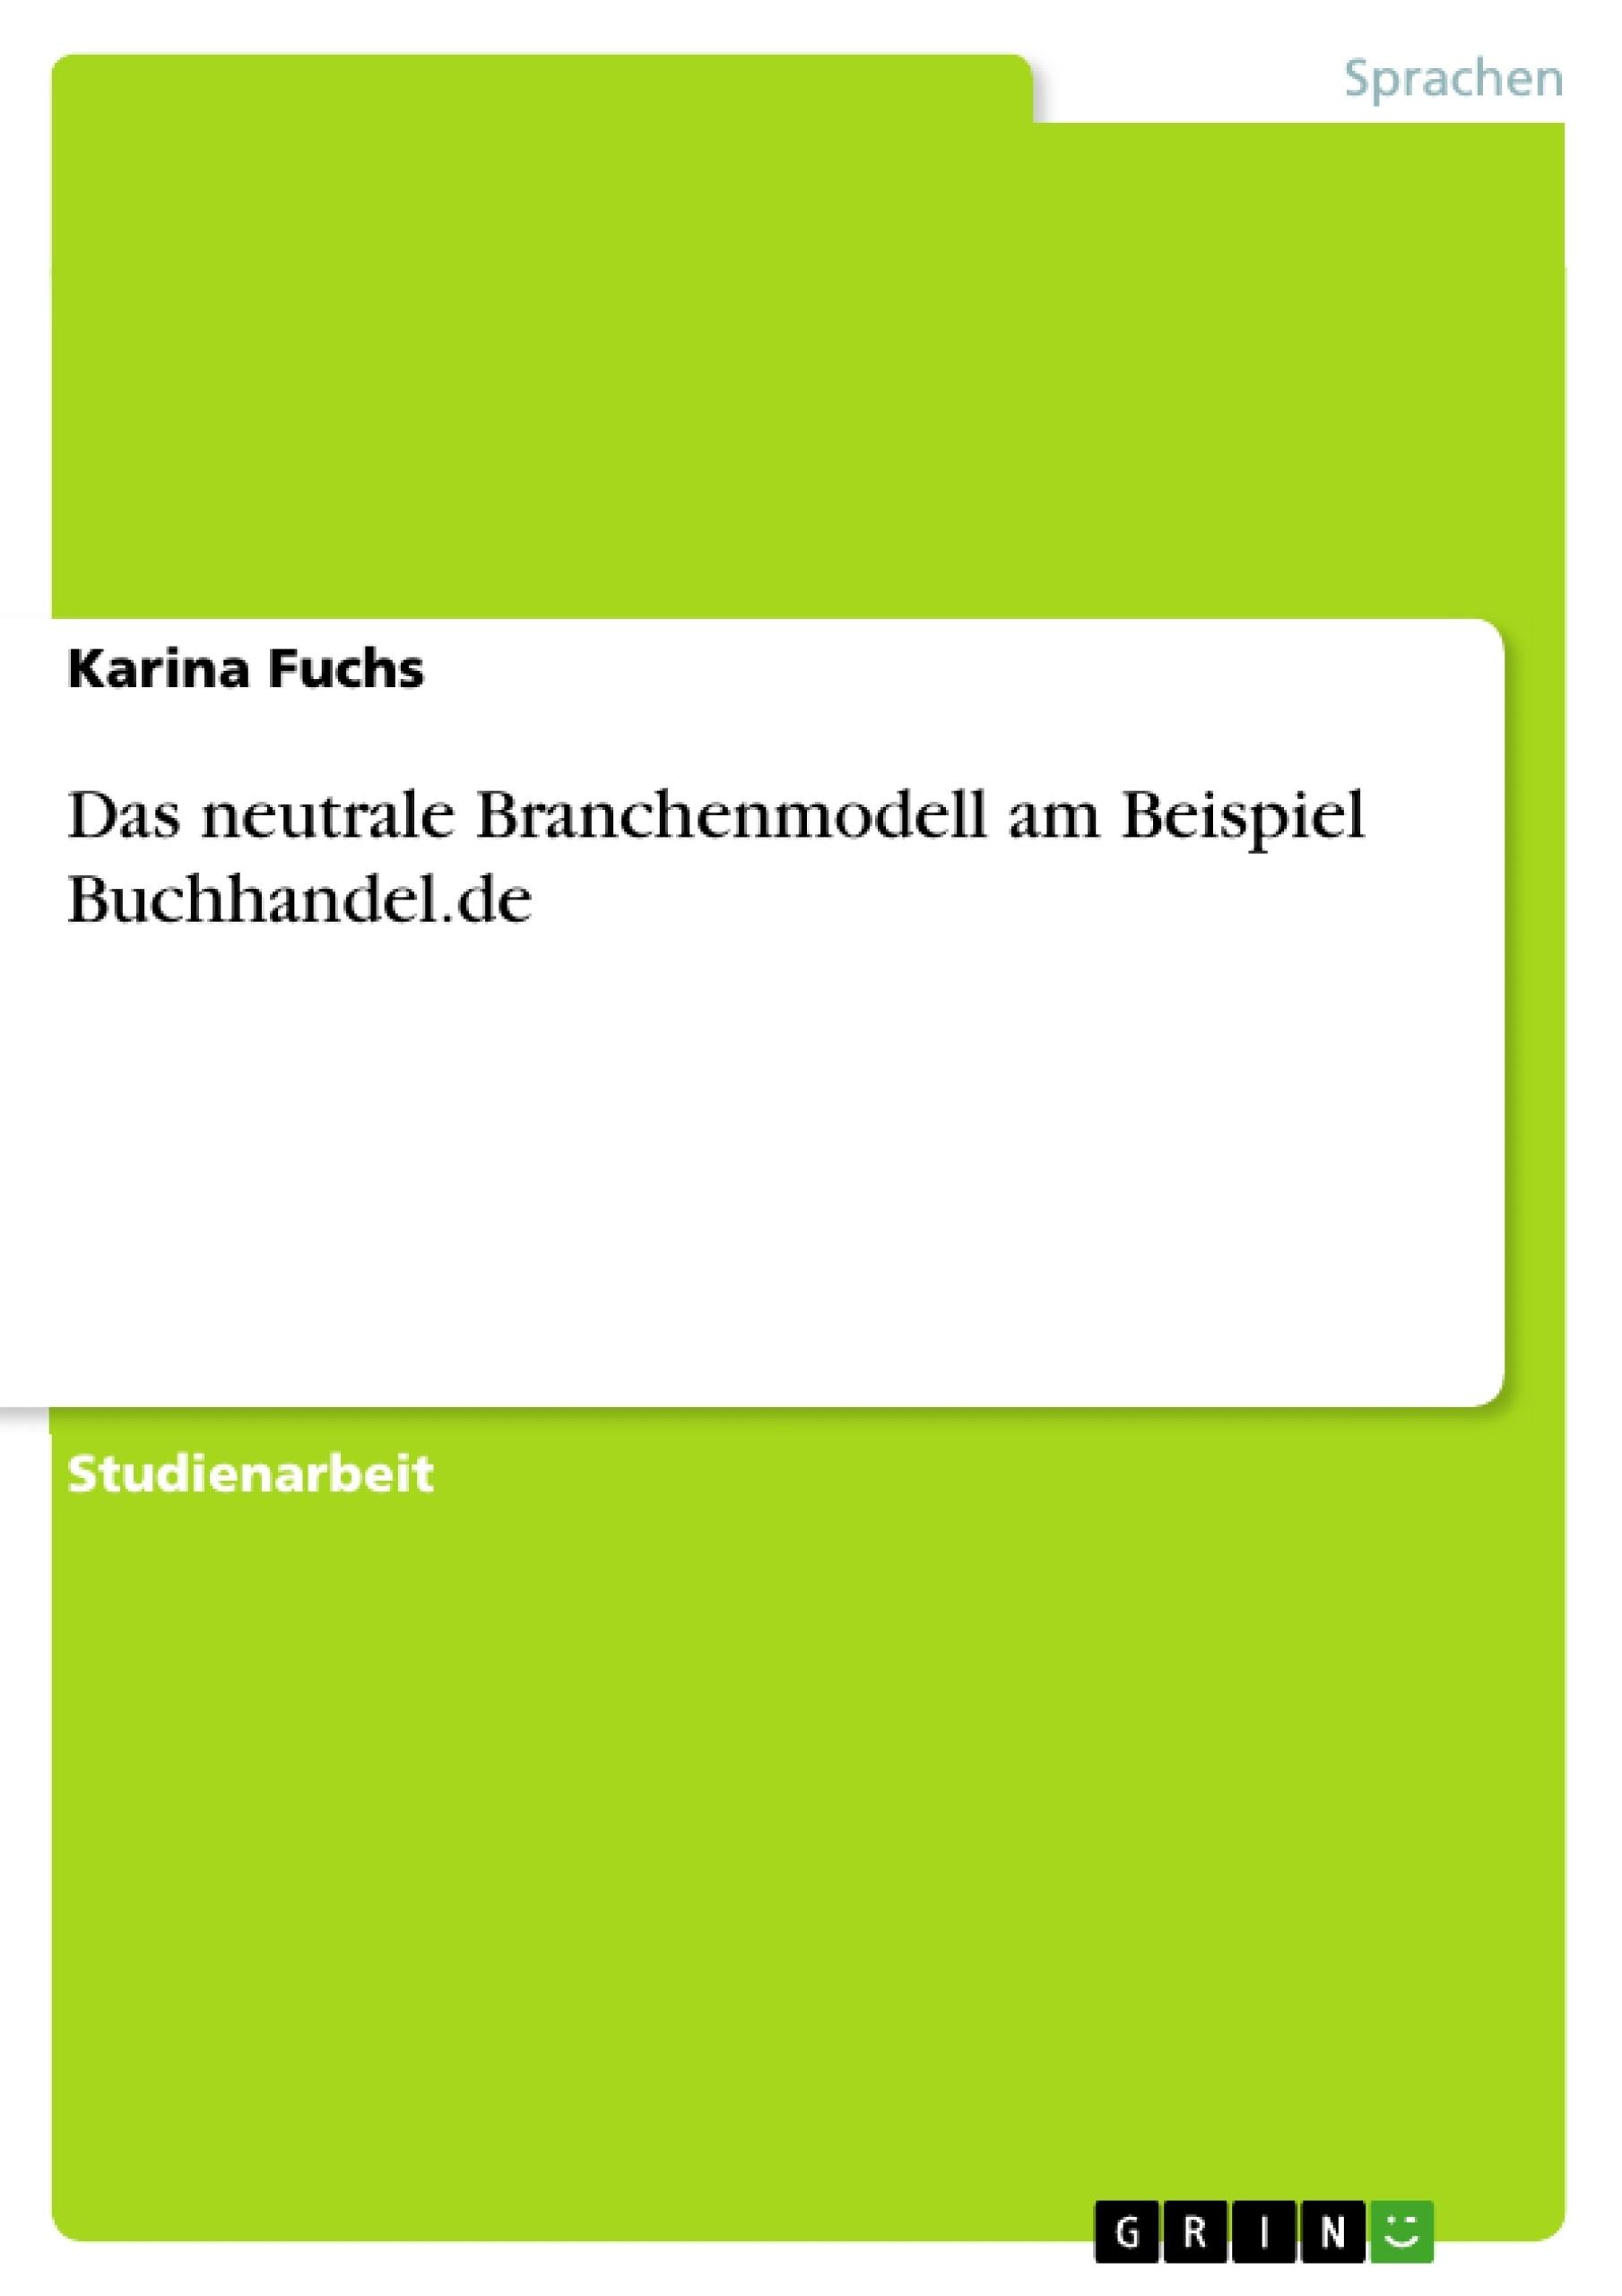 Titel: Das neutrale Branchenmodell am Beispiel Buchhandel.de